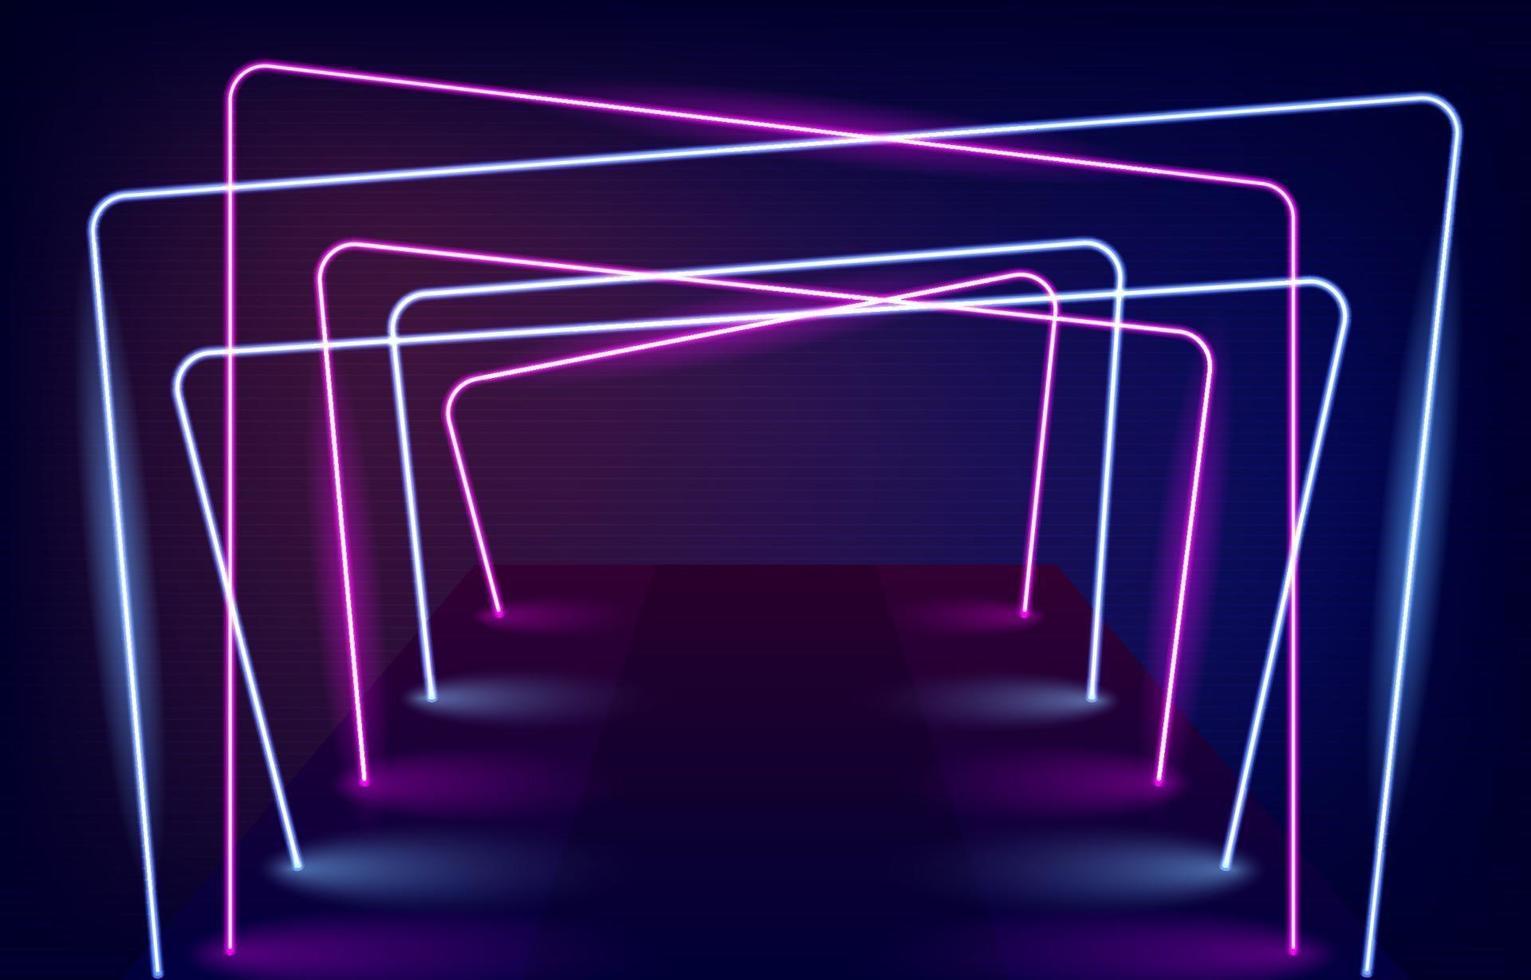 neonlicht gangen achtergrond vector